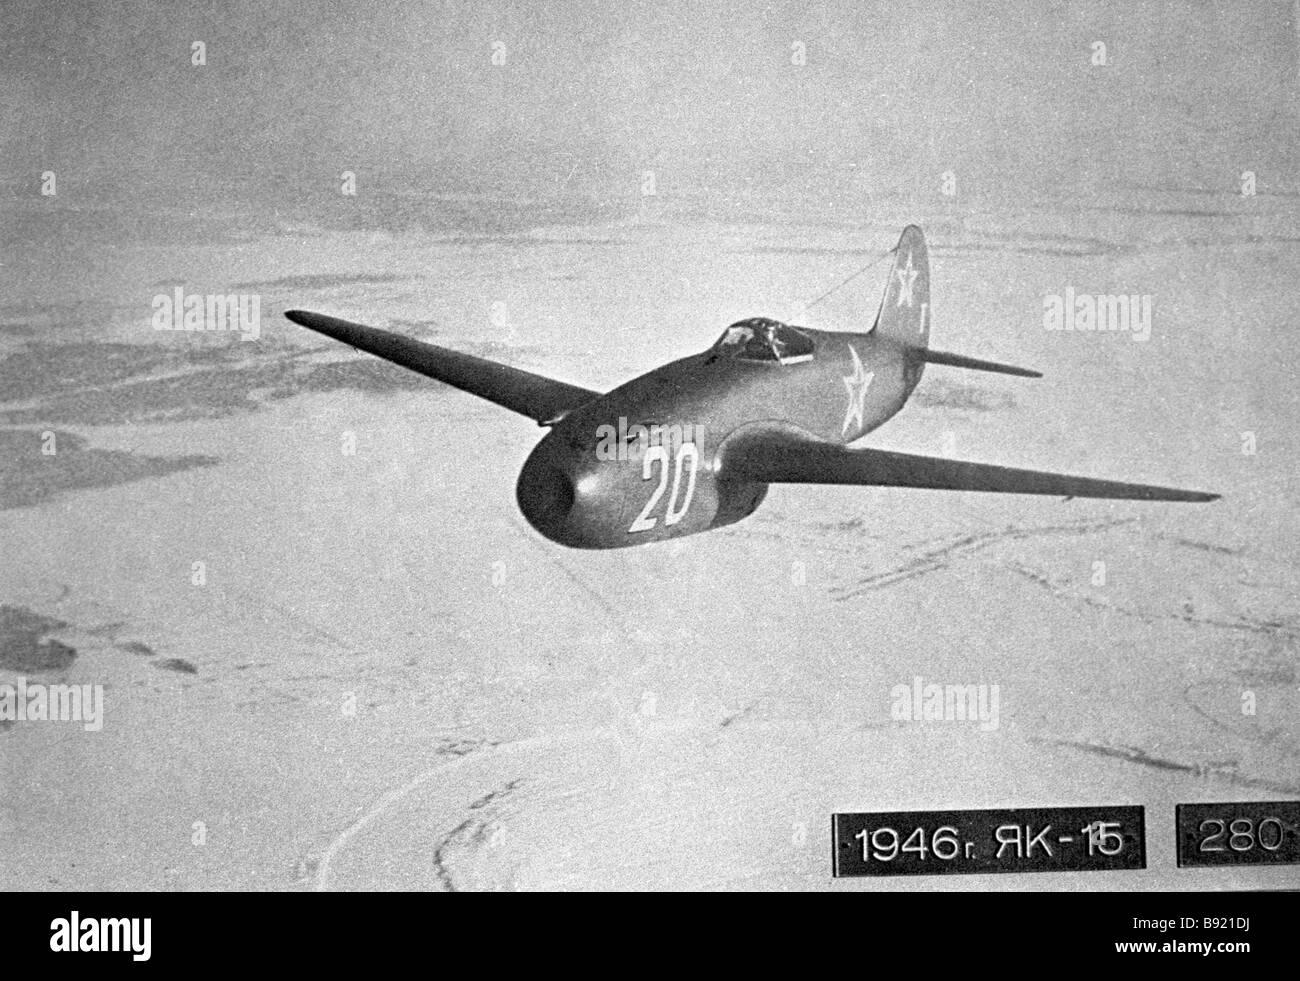 Une reproduction d'une photo de la Yak 15 fighter jet de l'Monino Aviation Museum de l'URSS Air Force Photo Stock